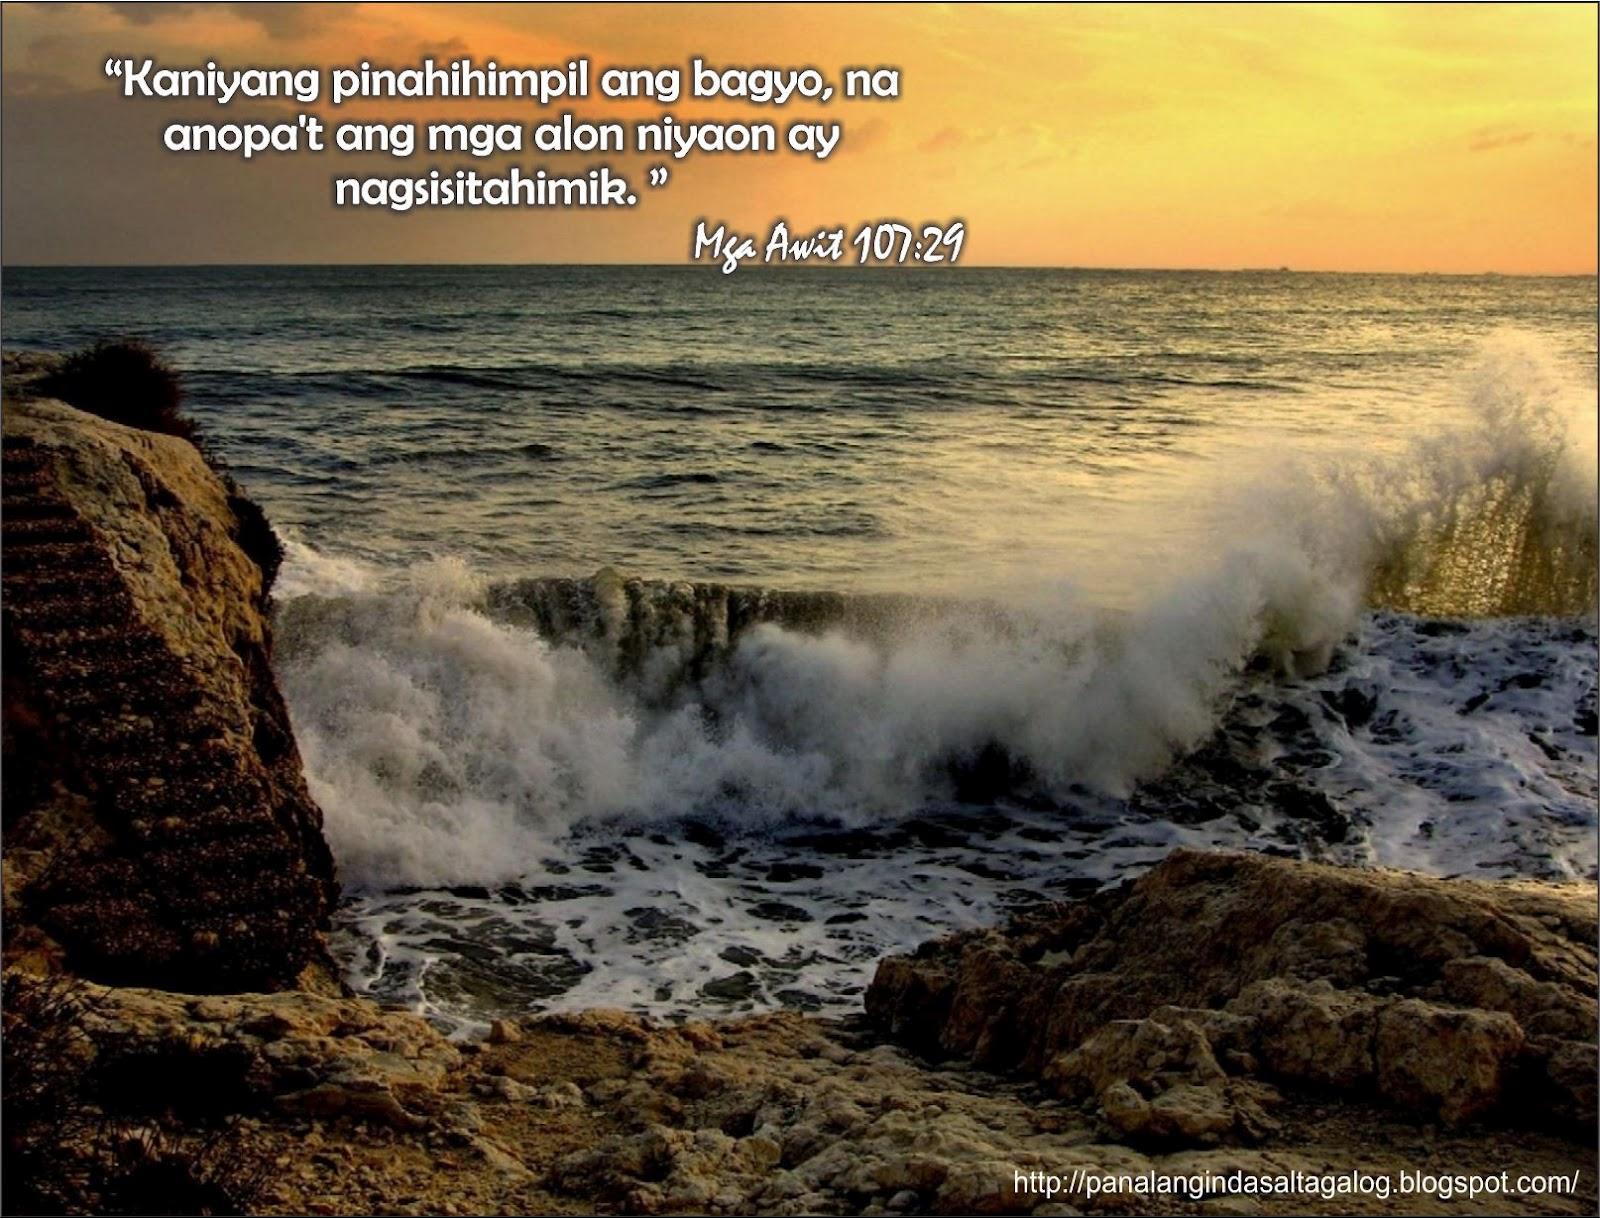 lipunan quotes tagalog Tagalog sayings published by filipino national hero jose rizal in london english translation of mga kasabihan ni rizal.